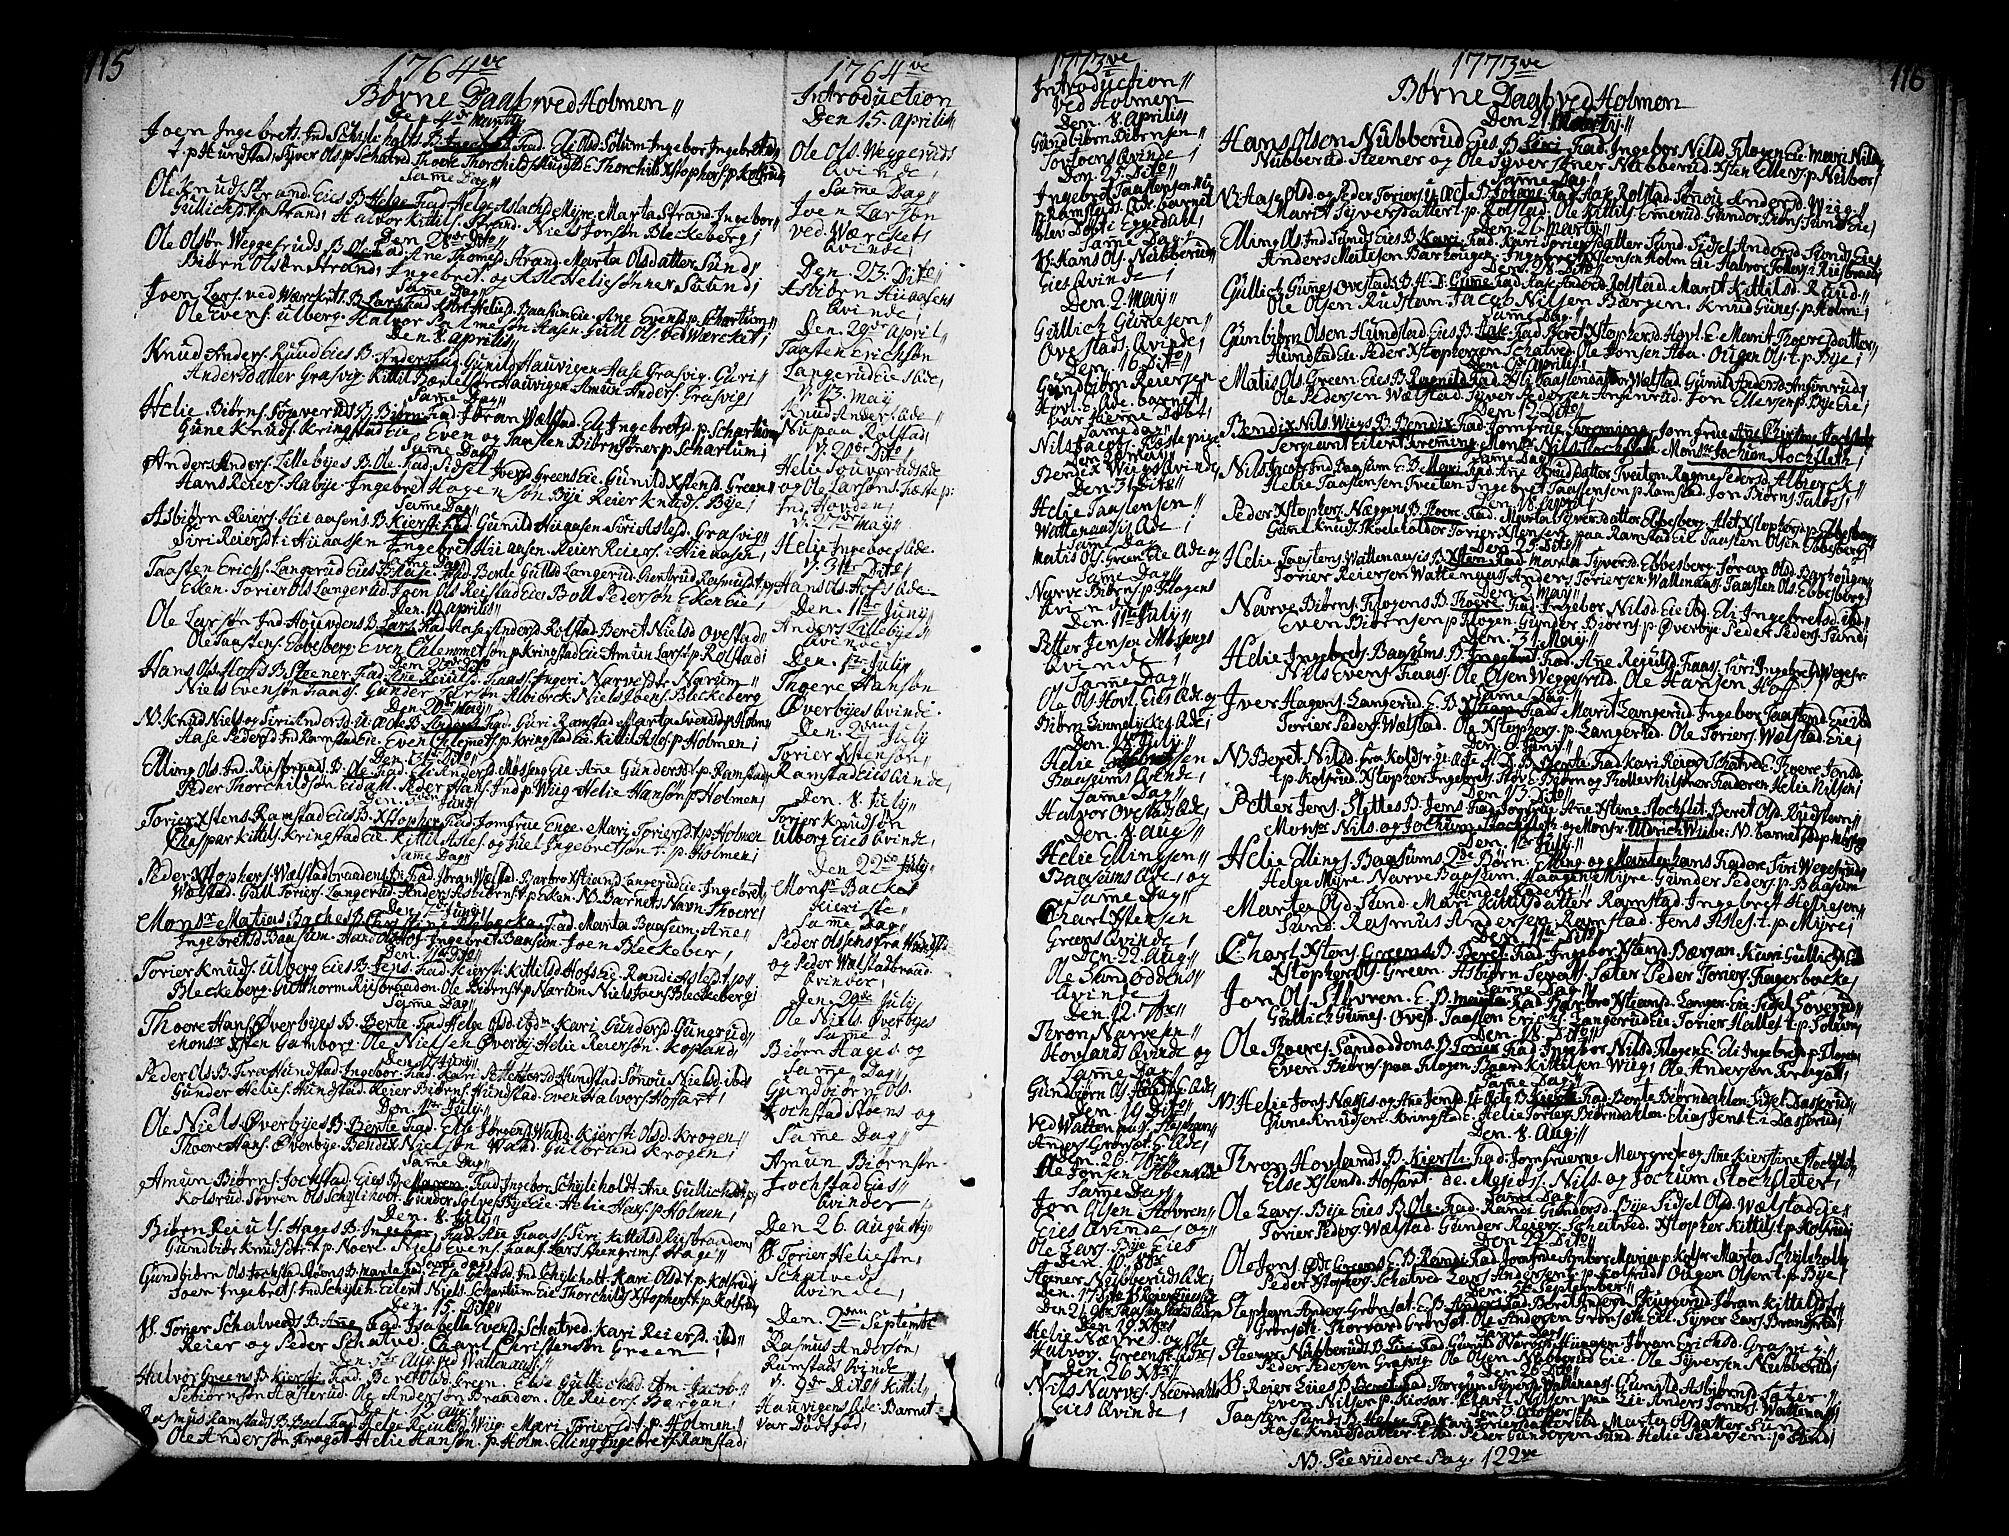 SAKO, Sigdal kirkebøker, F/Fa/L0001: Ministerialbok nr. I 1, 1722-1777, s. 115-116